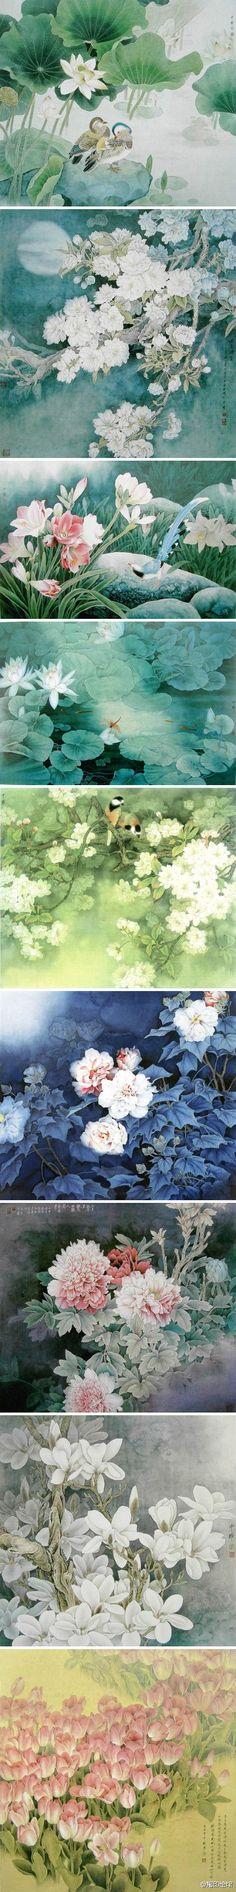 Chinese brush paintings: